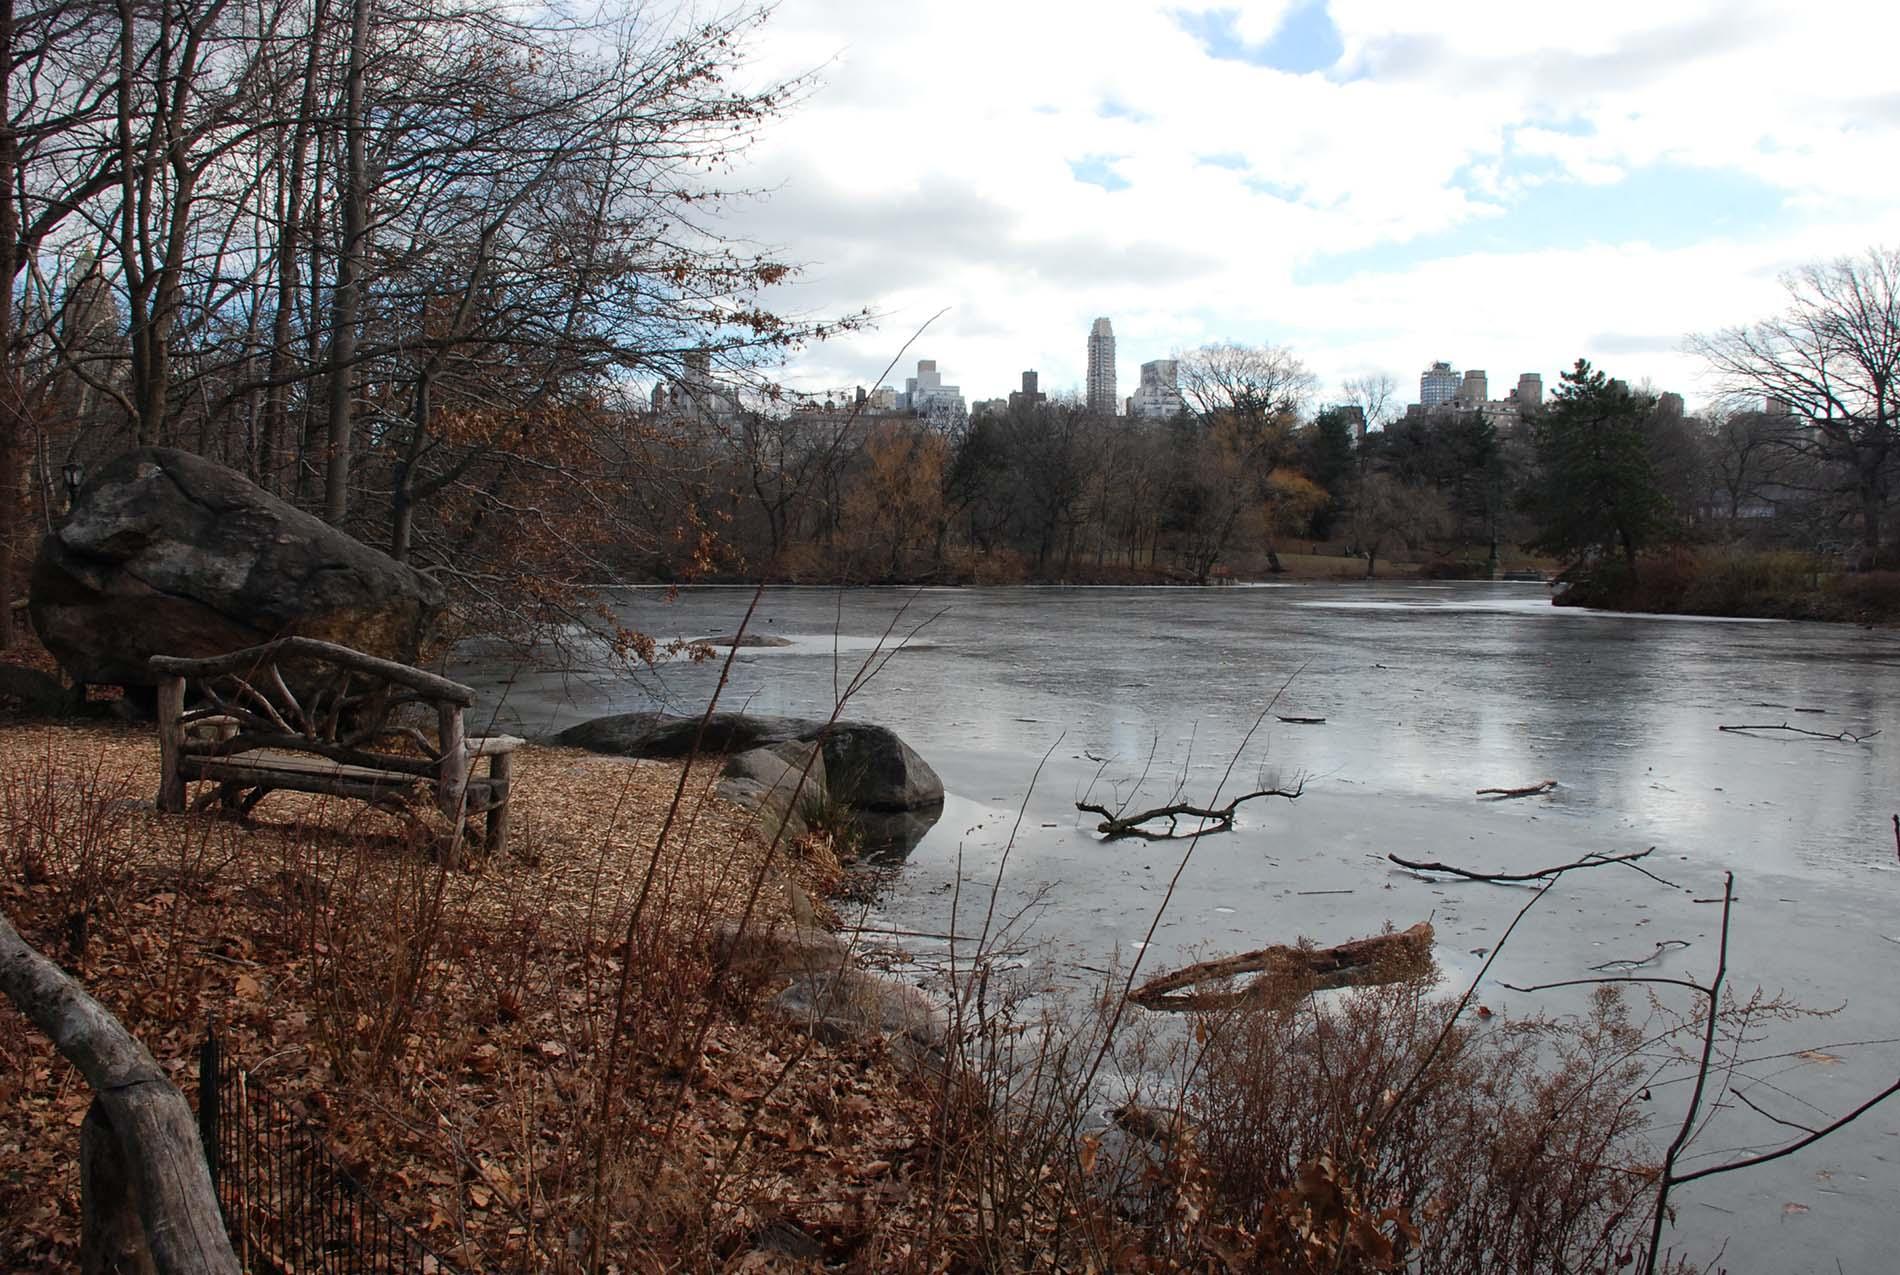 New Yorks Central Park är ett exempel på stadsomvandling som drevs igenom på ett tämligen icke-demokratiskt sätt, enligt sociologen och stadsplaneraren Richard Sennett, en av talarna på Arkitekturgalan. Är det en lyckosam slump eller top down-planering när den funkar som allra bäst att Central Park är en av stadens mest uppskattade platser? Foto: Aron Aspenström